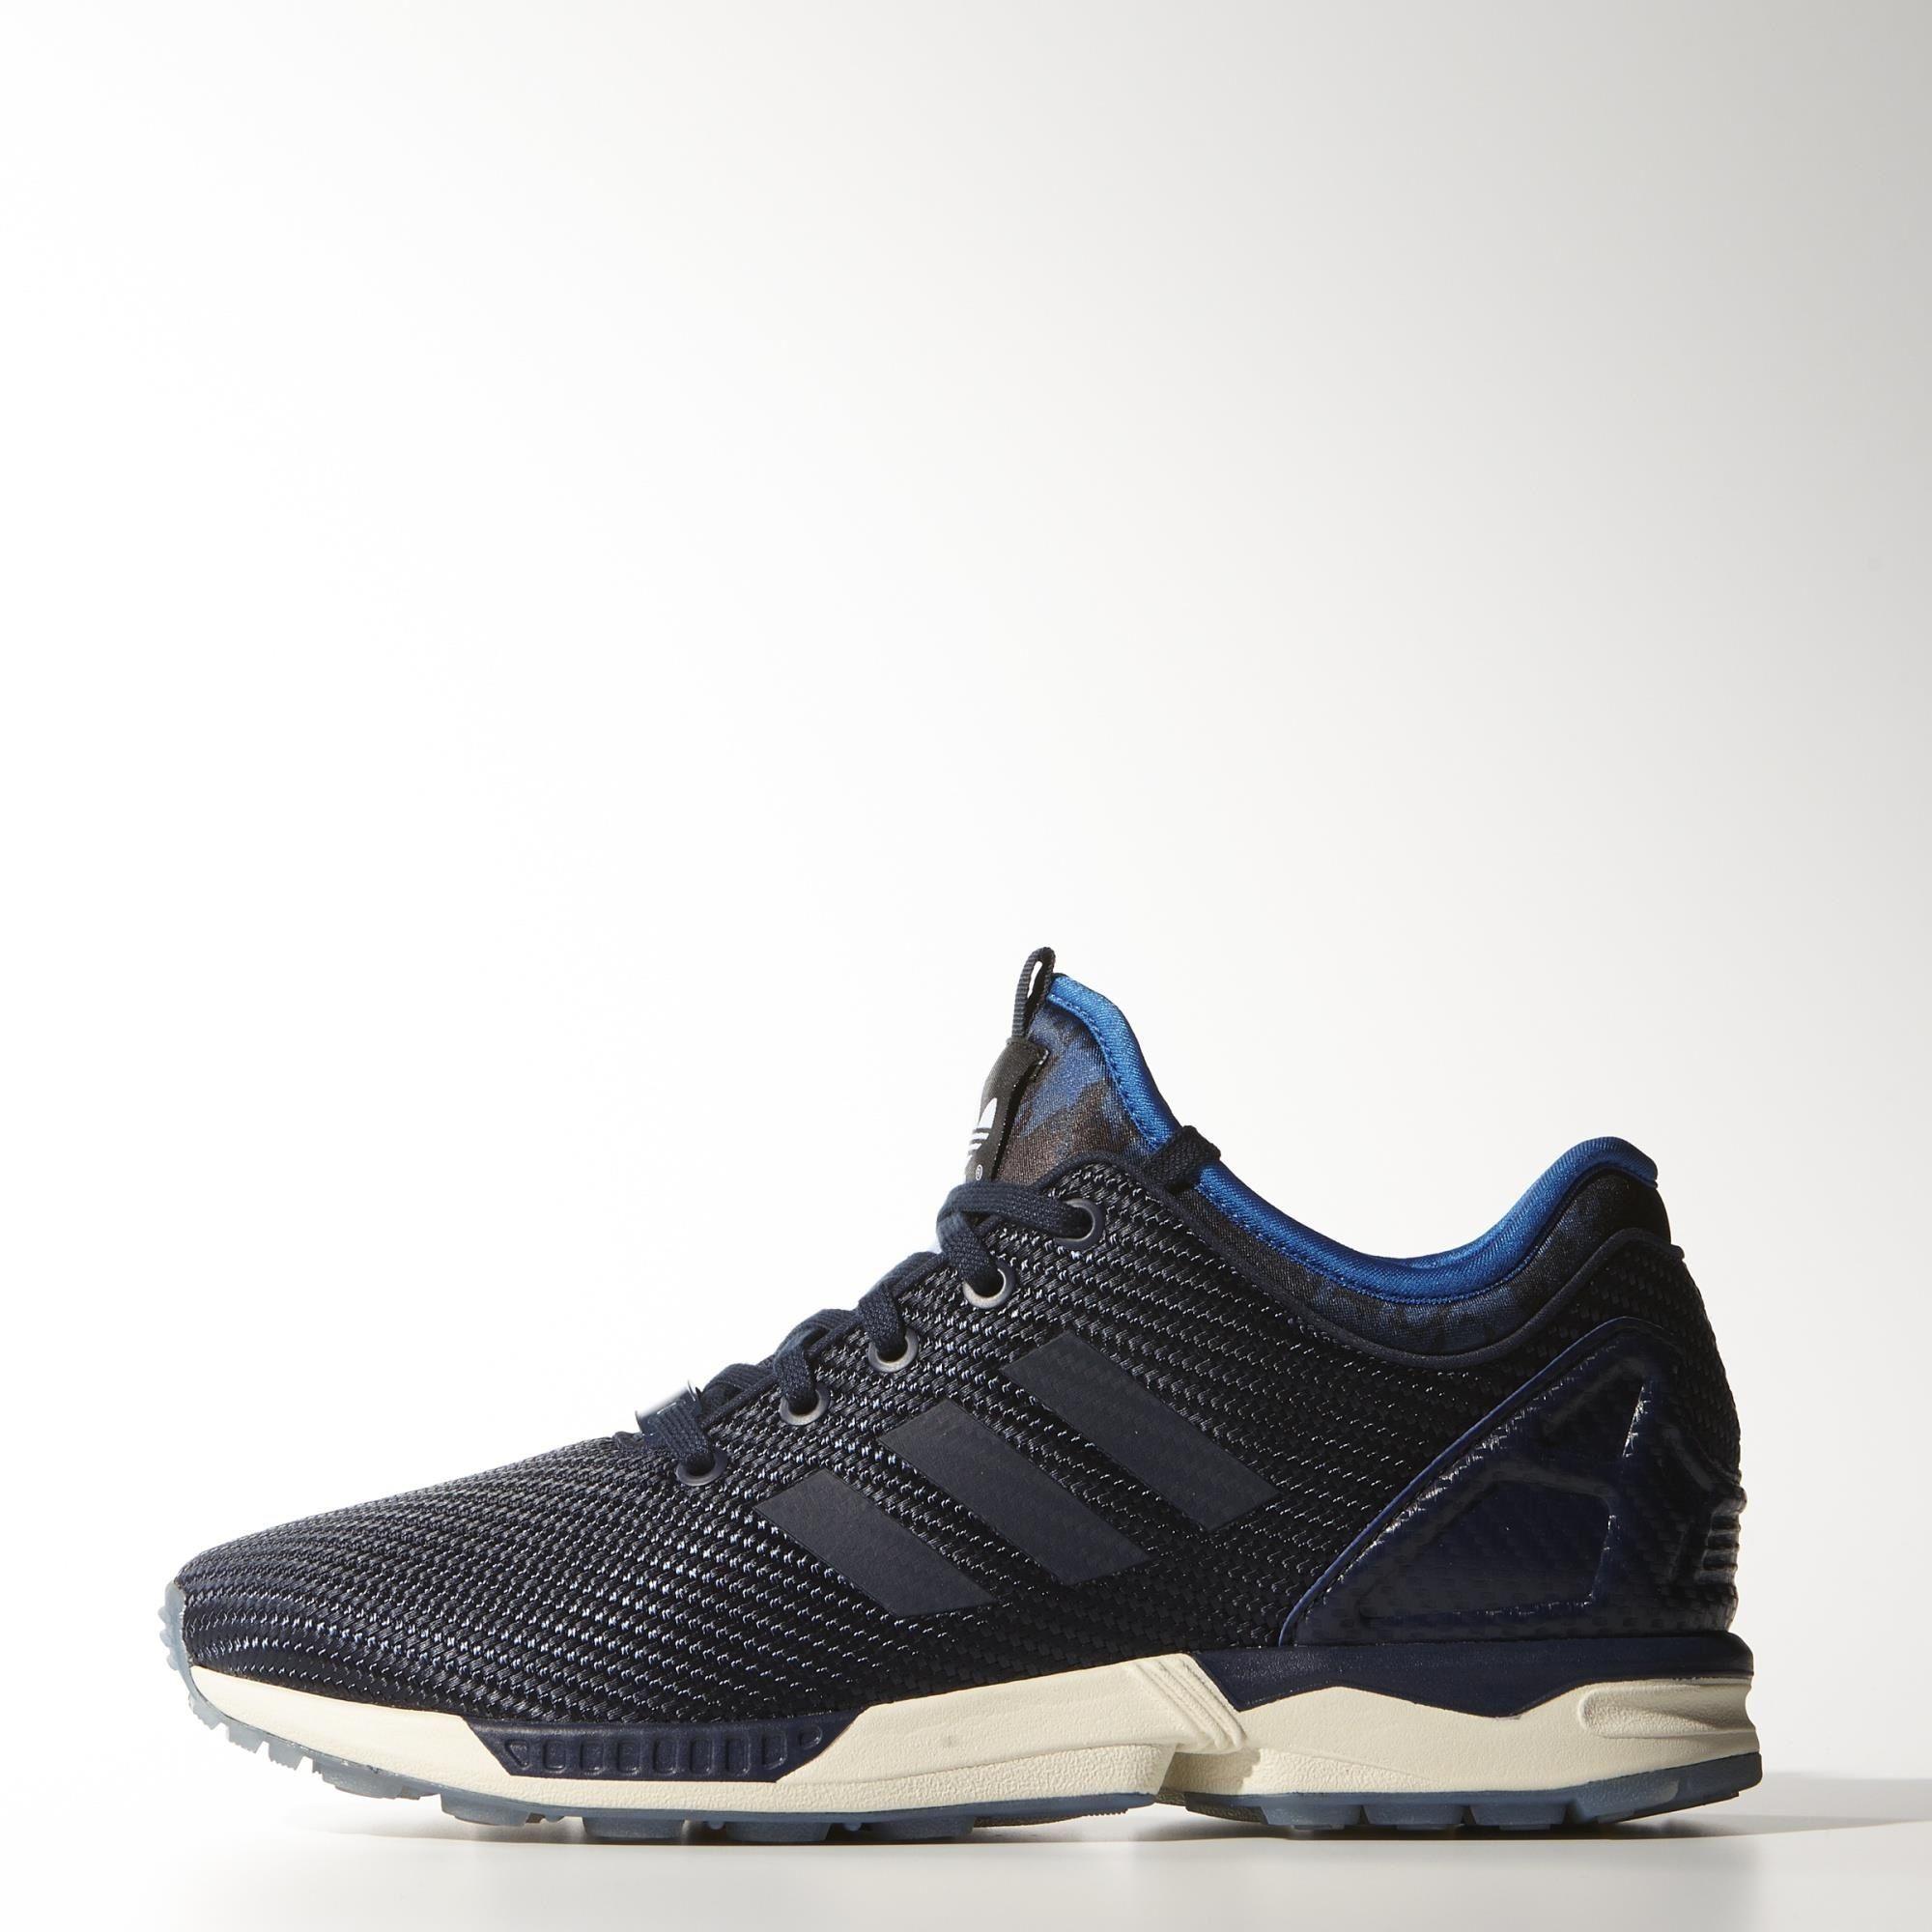 separation shoes 98467 f7f7d ... sale adidas zx flux nps schuh 21b61 8de4b